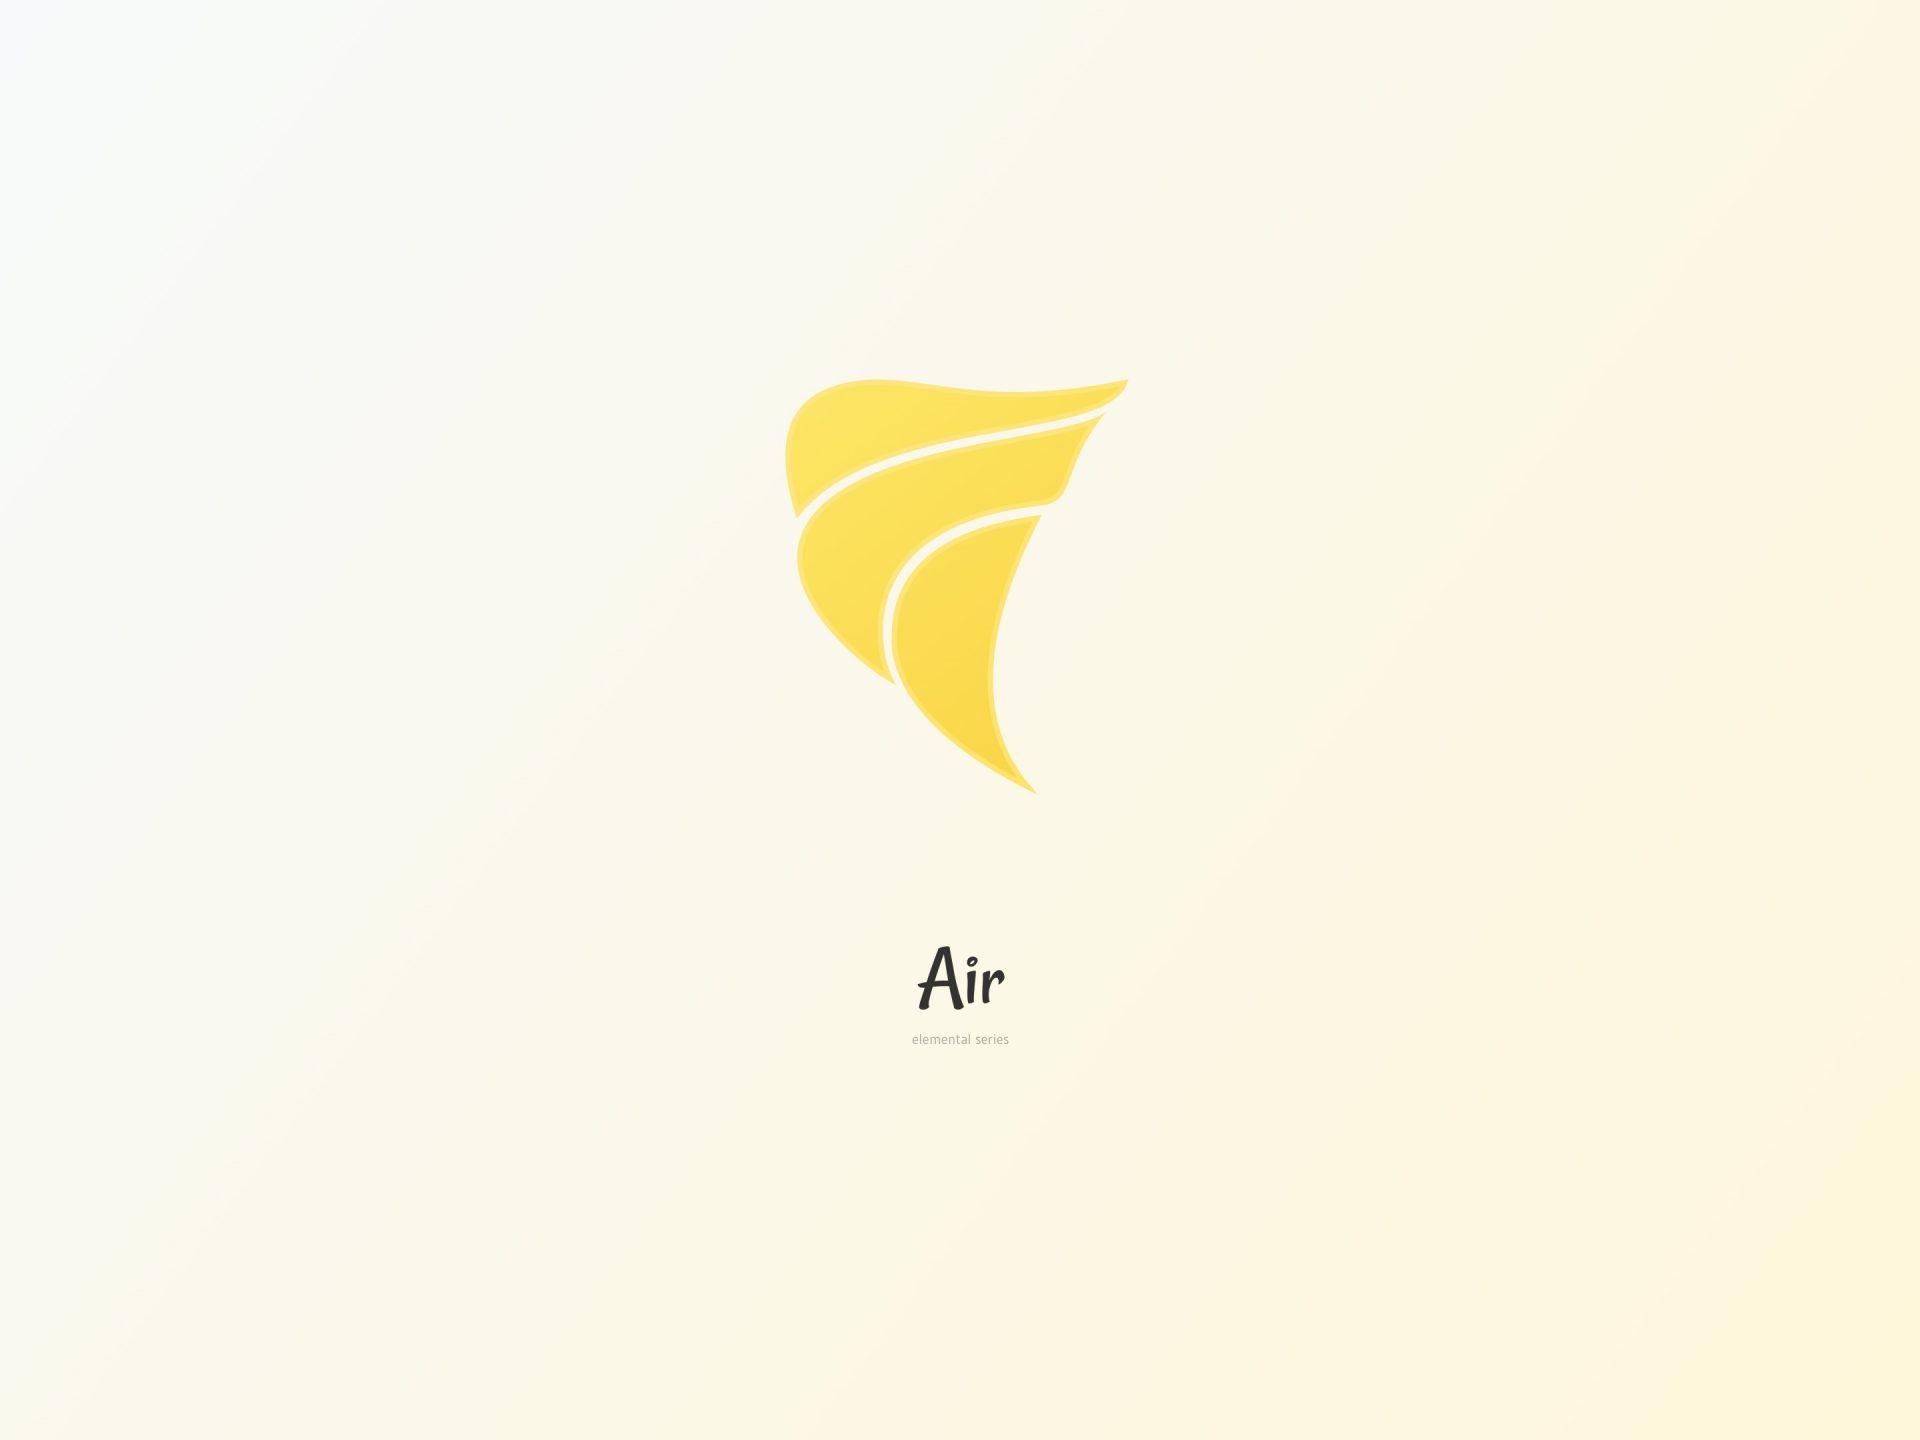 elemental_series_air